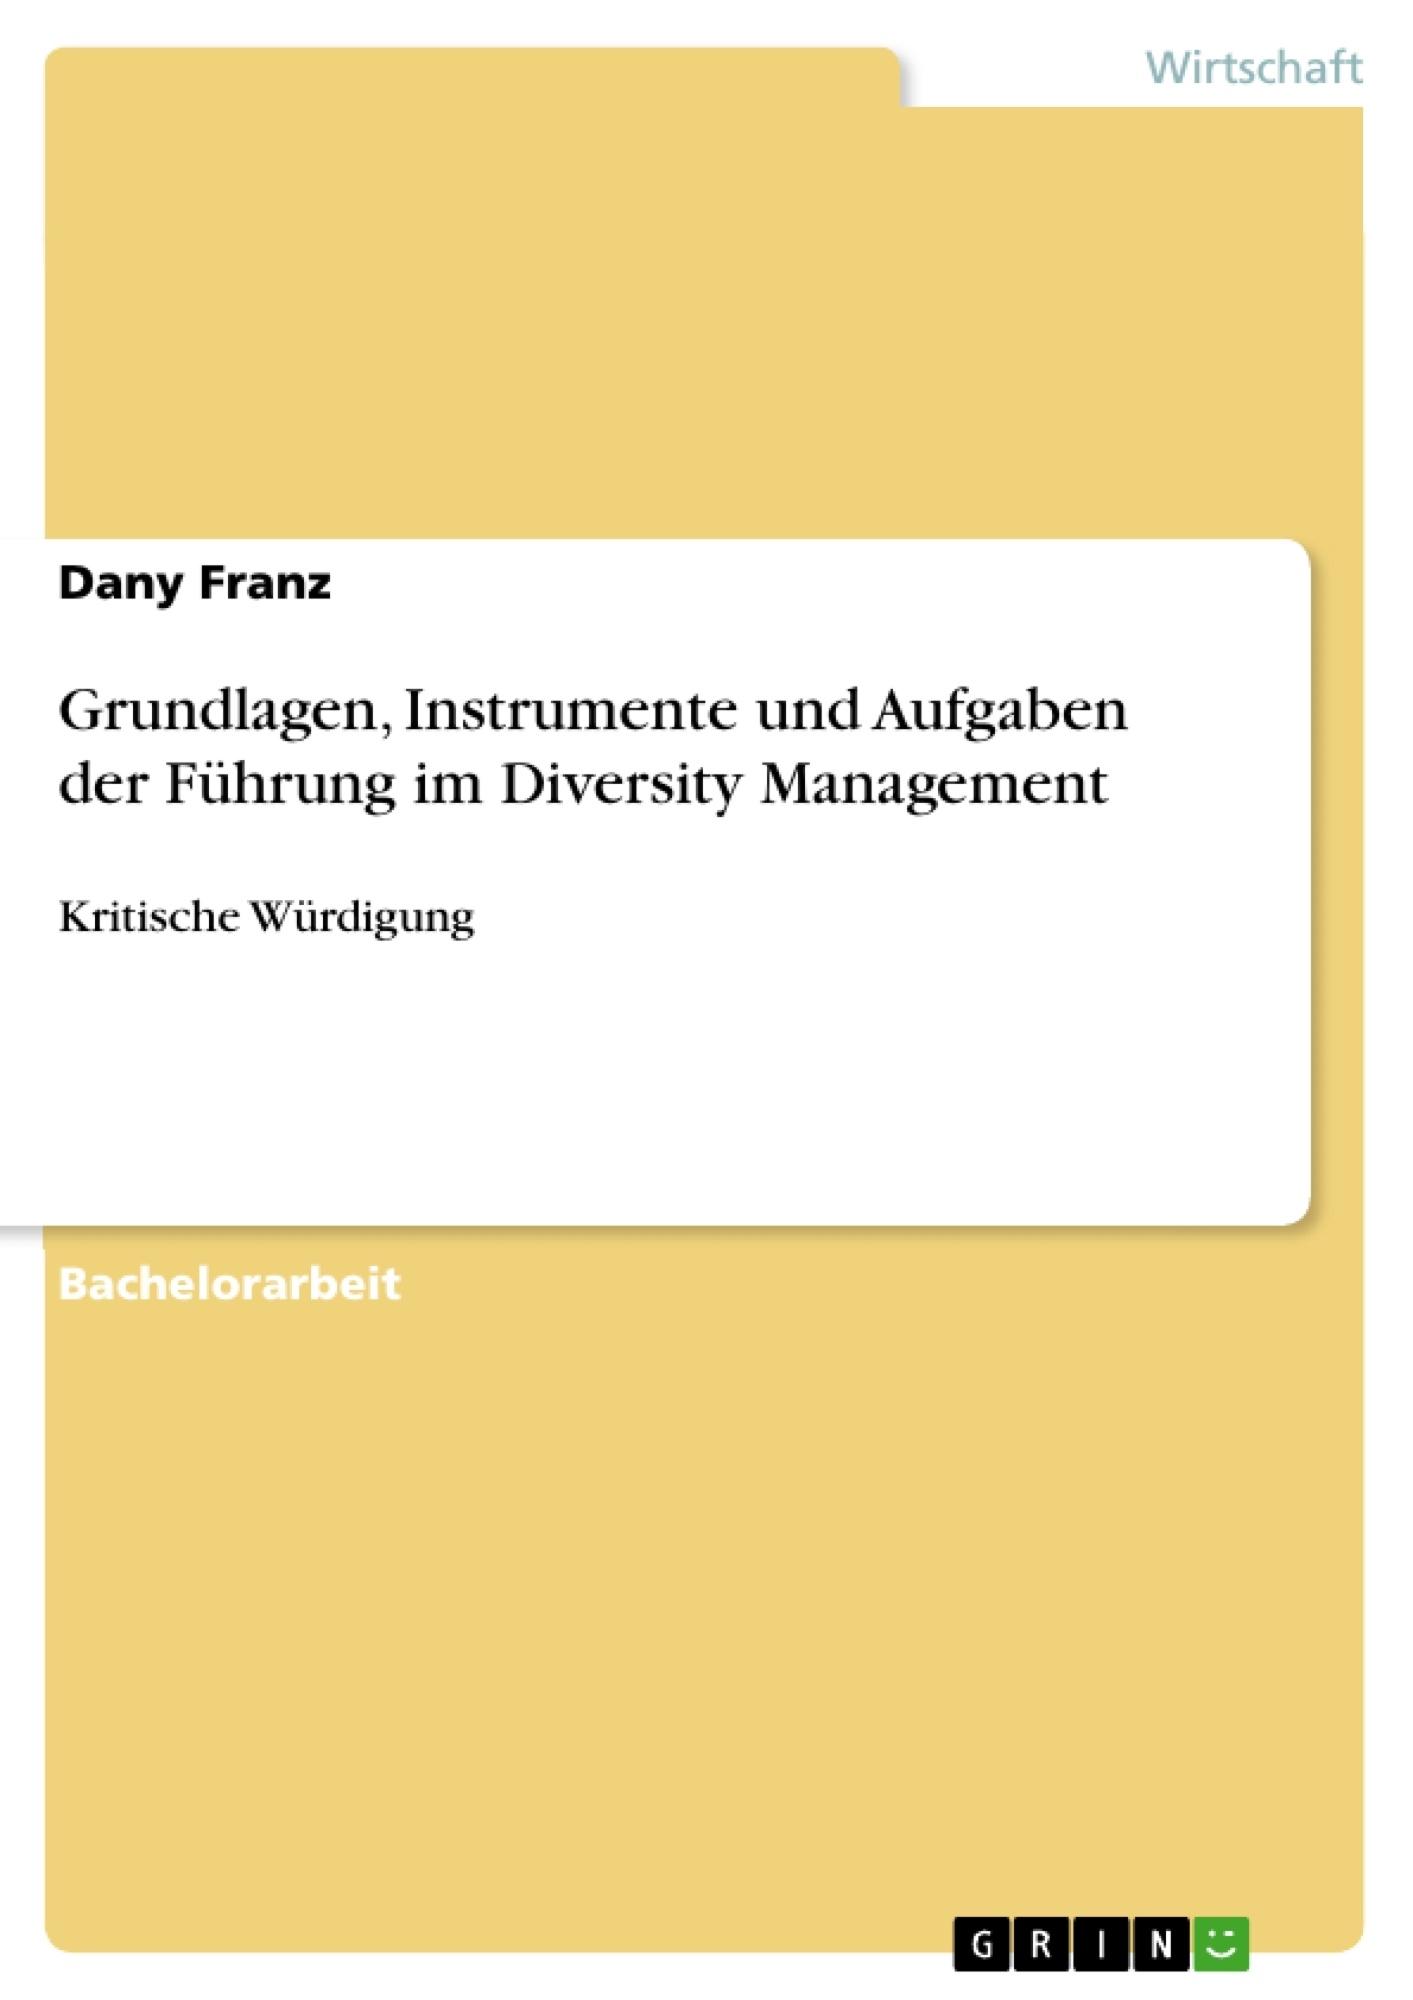 Titel: Grundlagen, Instrumente und Aufgaben der Führung im Diversity Management